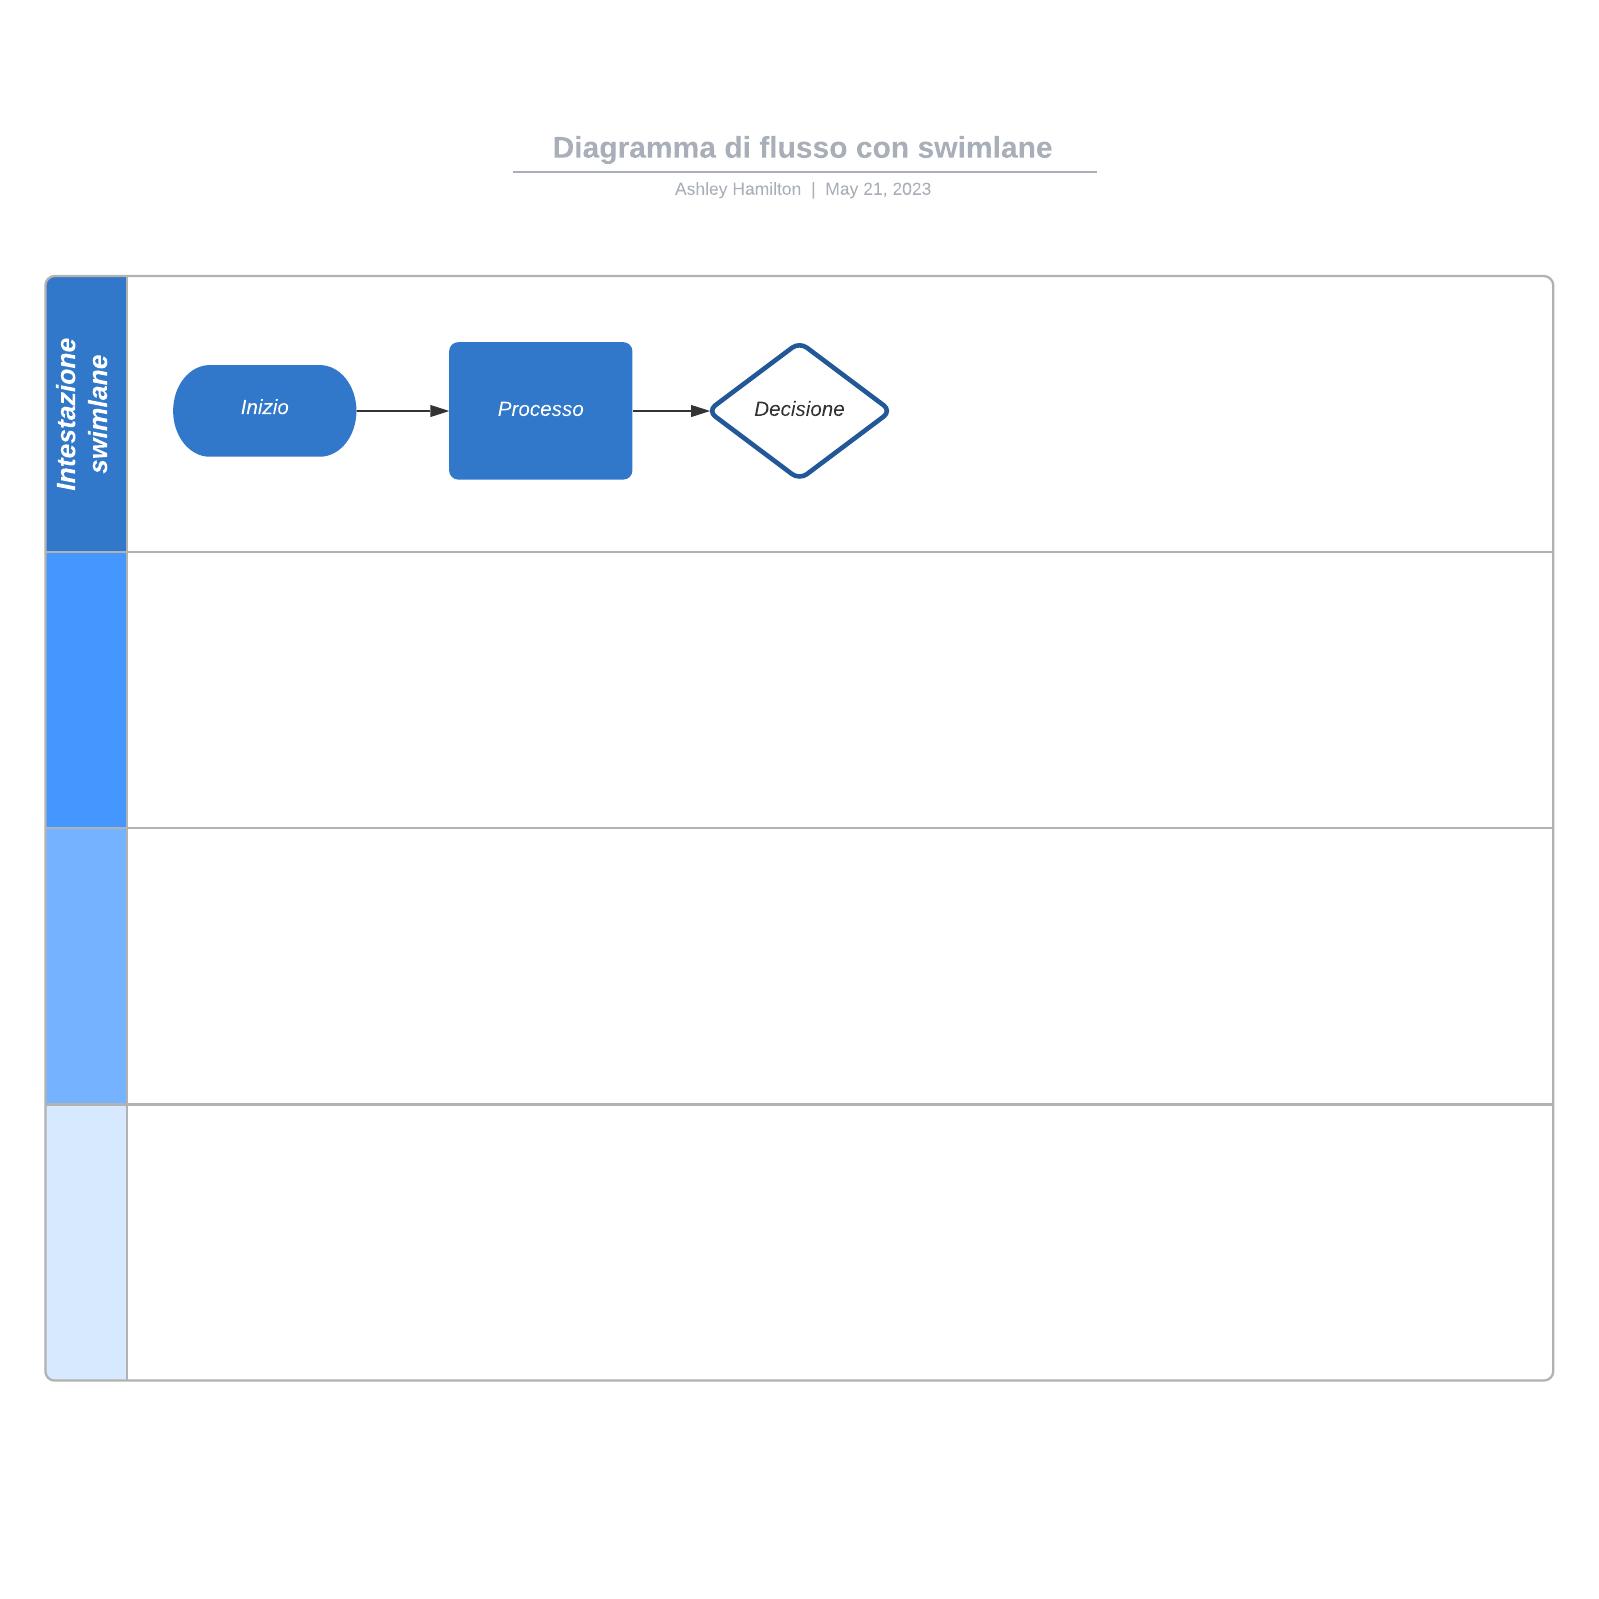 Diagramma di flusso con swimlane